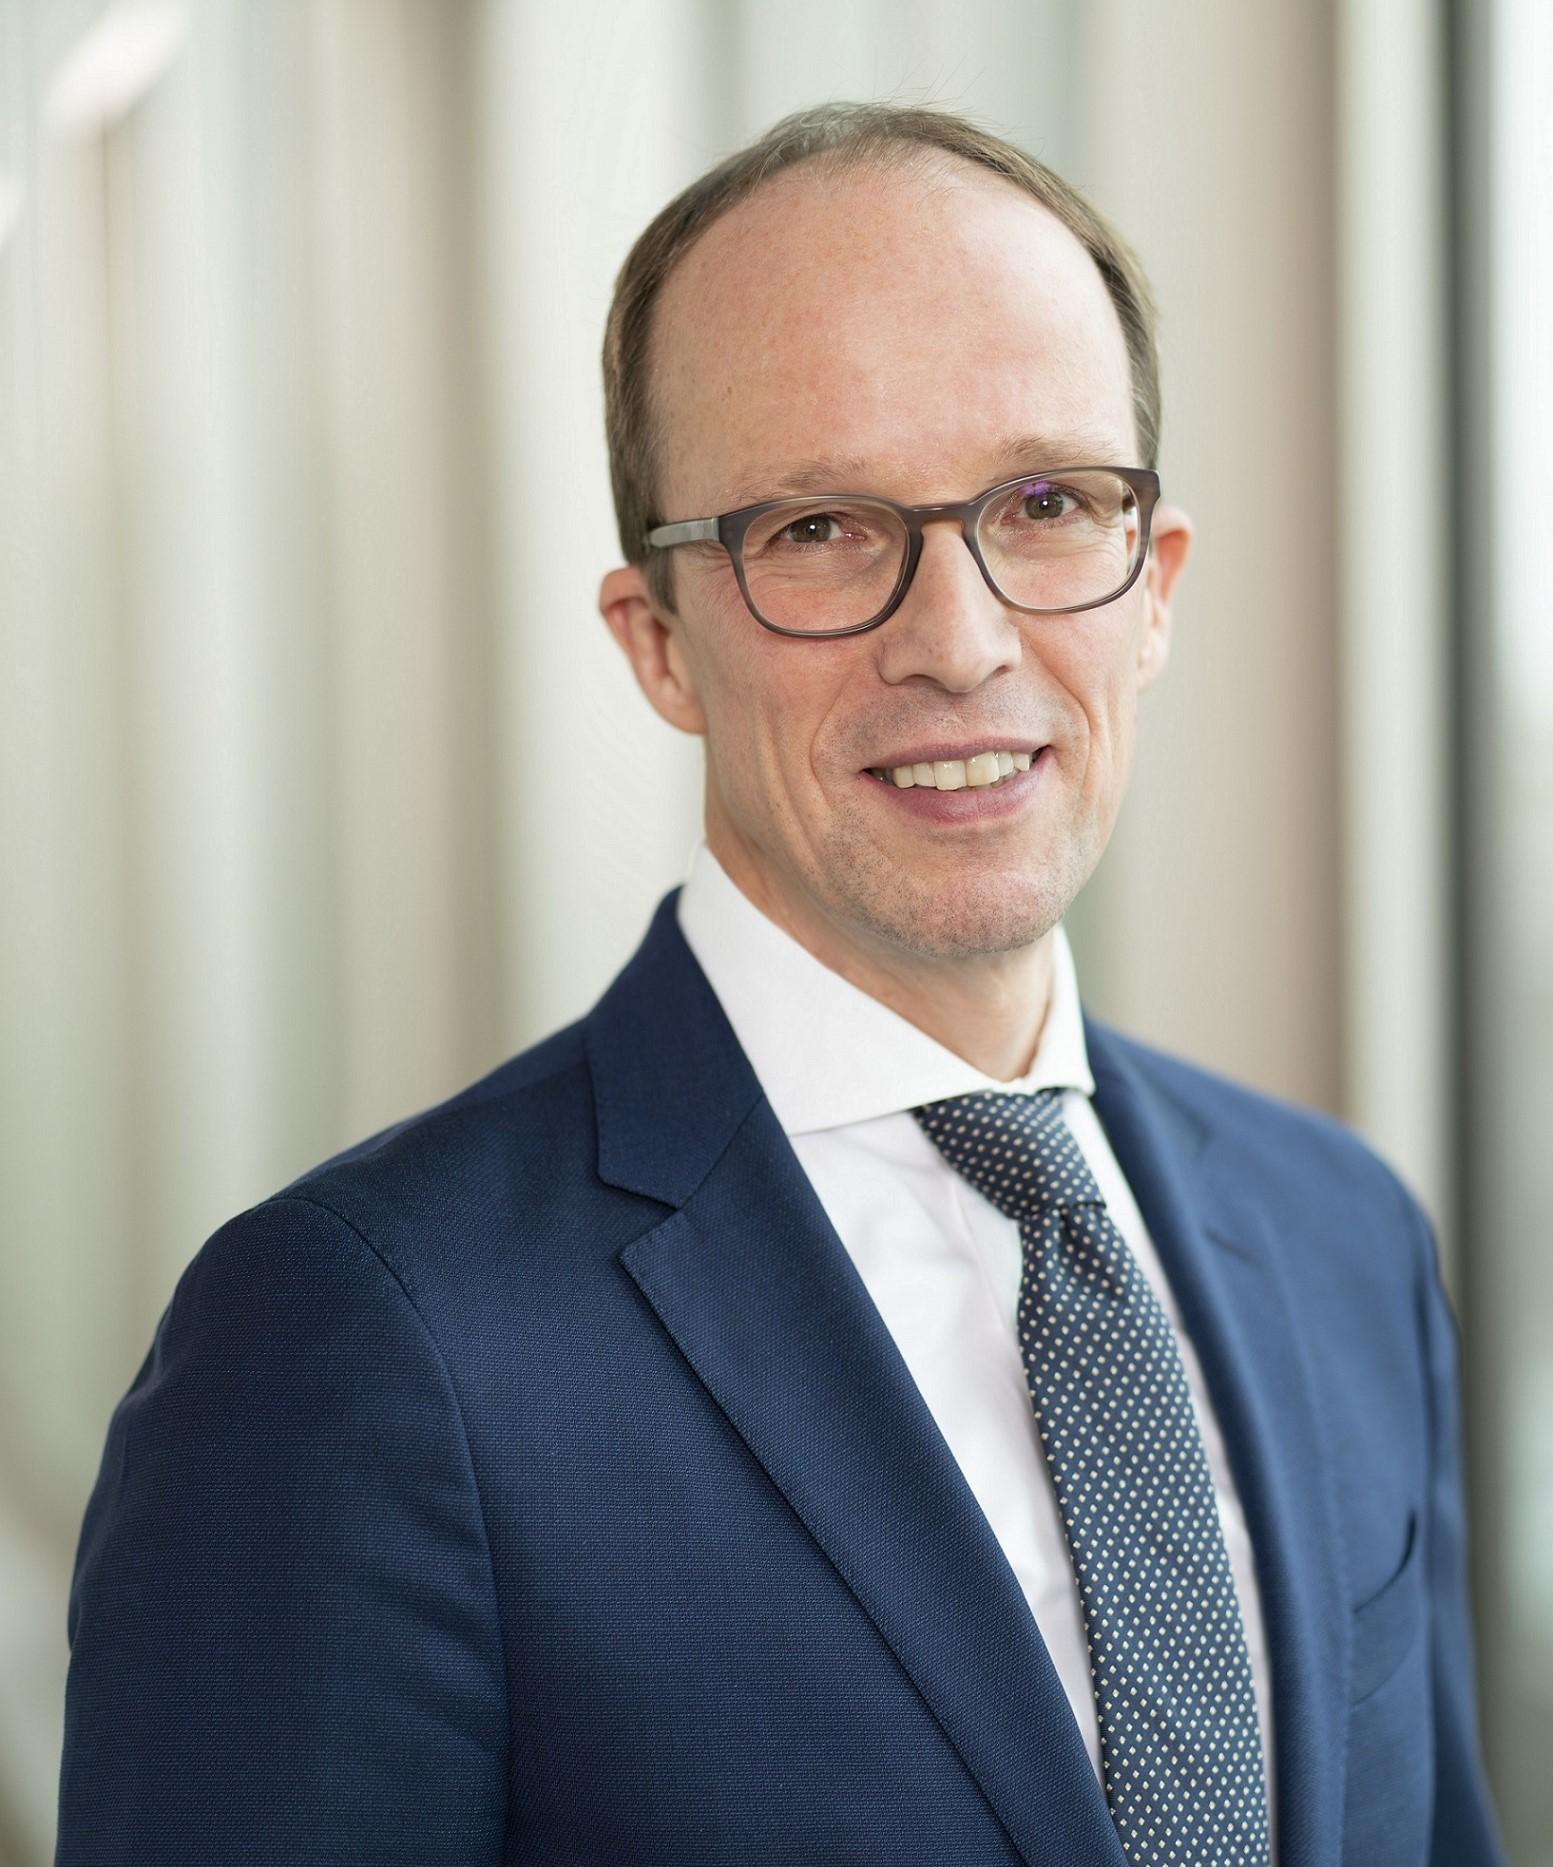 Georg Vomhof Geschäftsführer Beisheim Holding